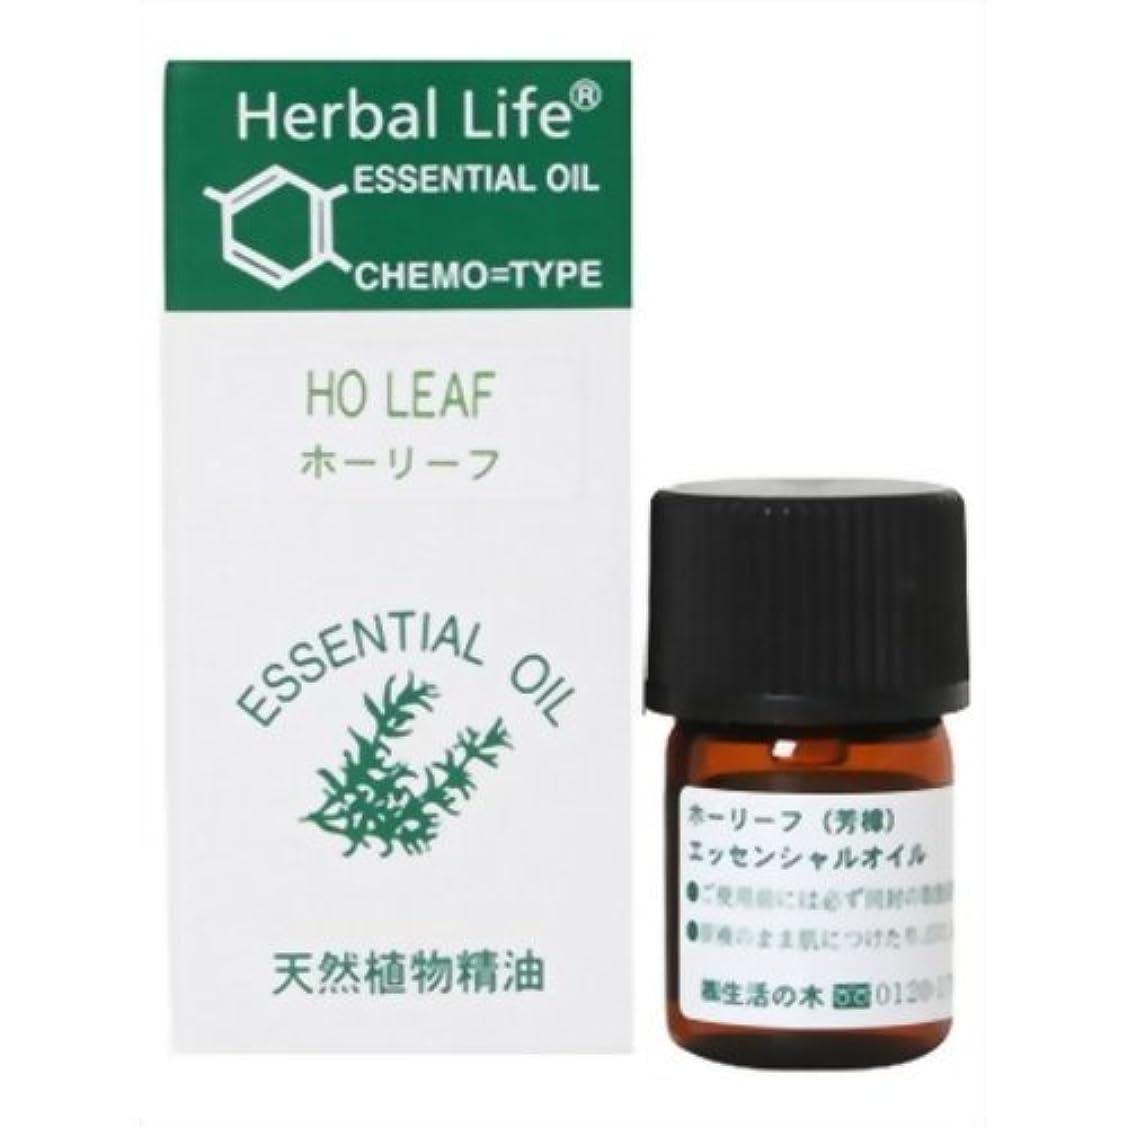 ポンプキャンセル一見生活の木 Herbal Life ホーリーフ 3ml